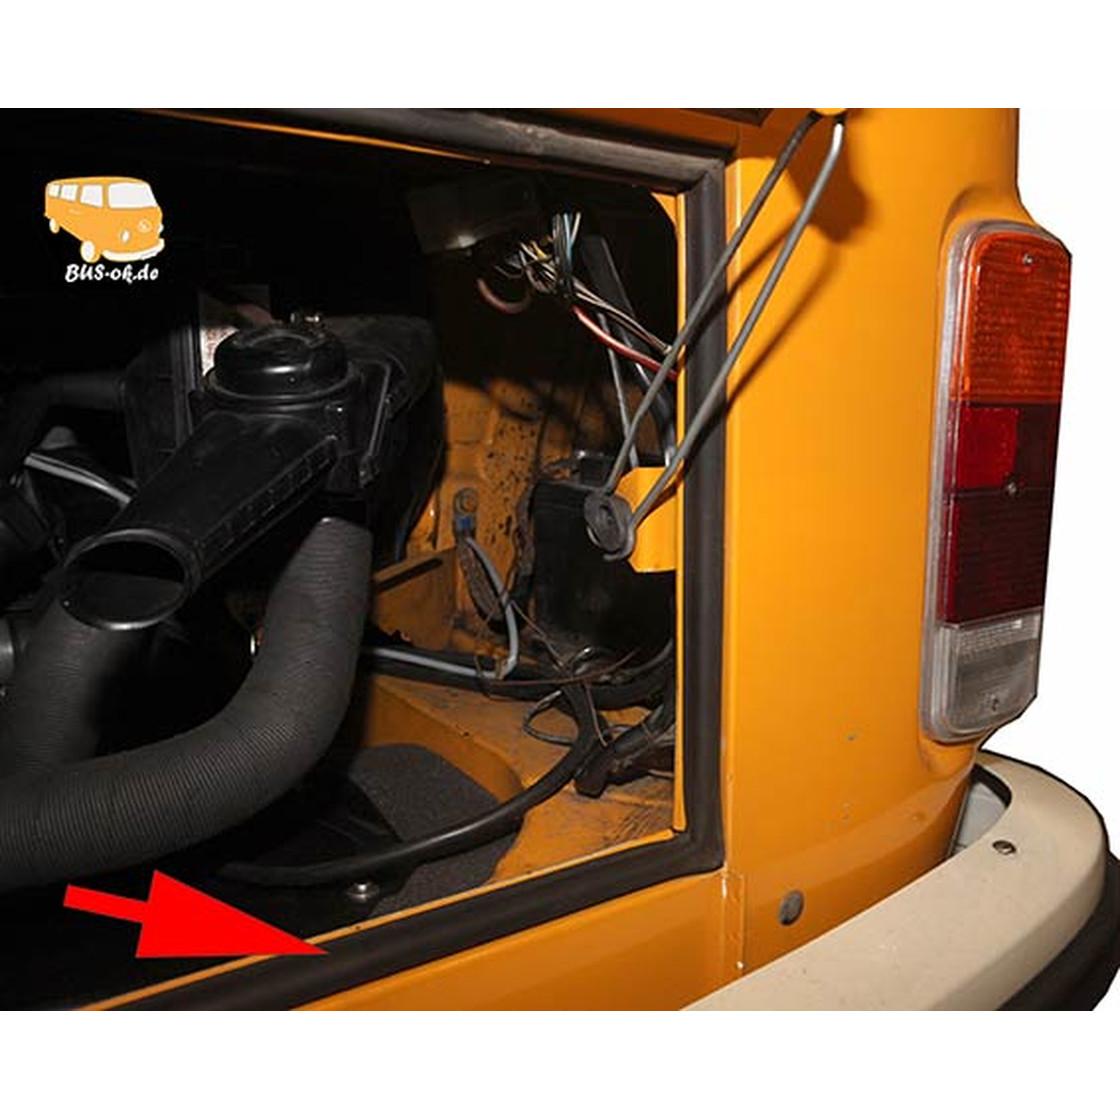 Speedo Câble Pour VW Transporter T2 Bay MK2 1968-1979